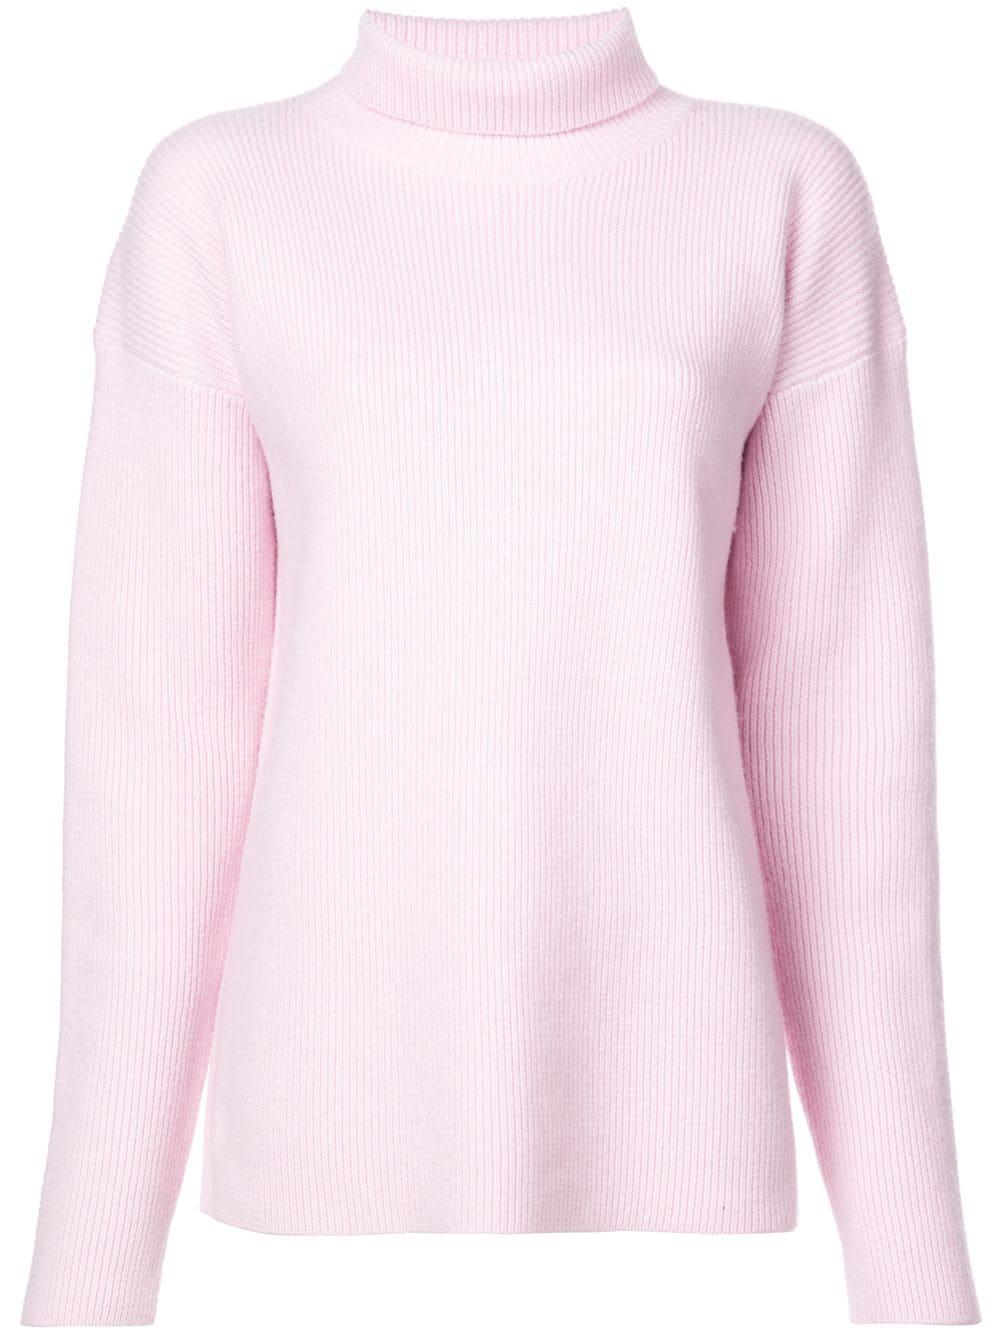 Sies Marjan | трикотажный свитер | Clouty